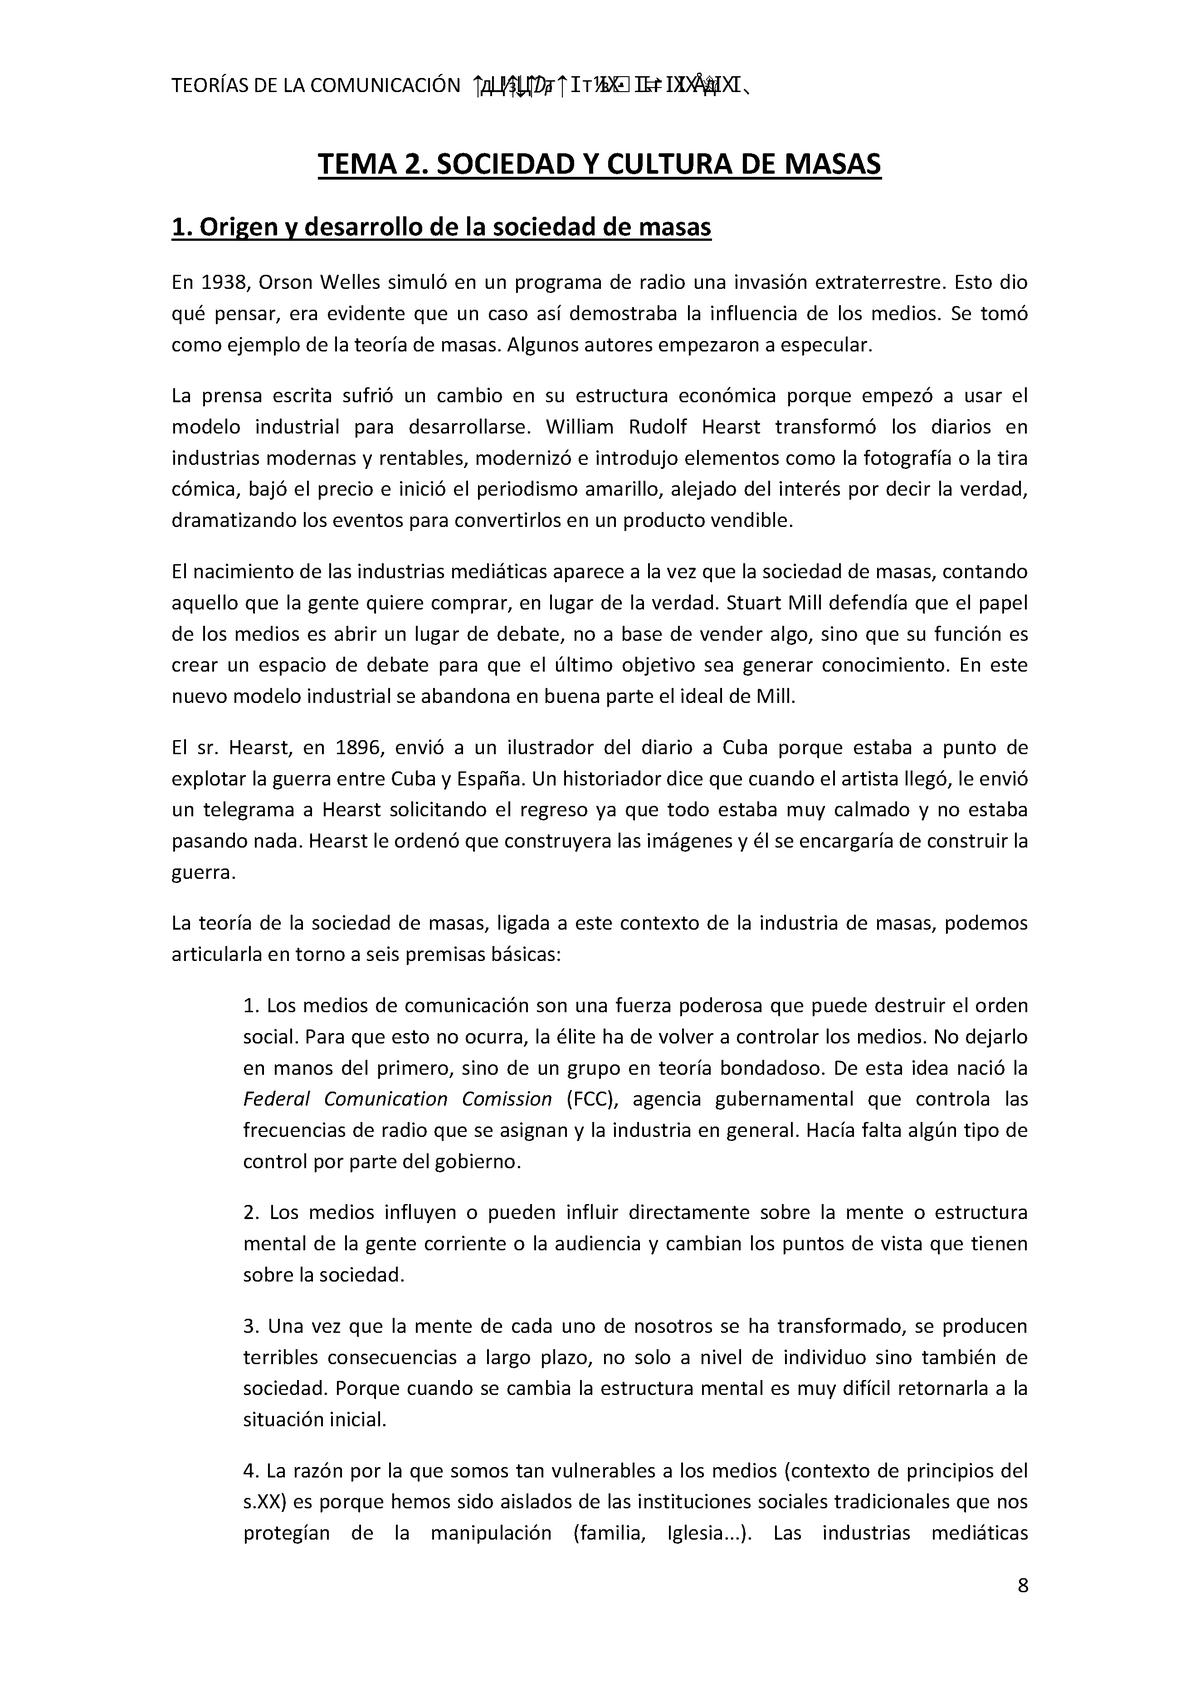 Tcm Tema 2 Teorías De La Comunicación Mediatizada Ub